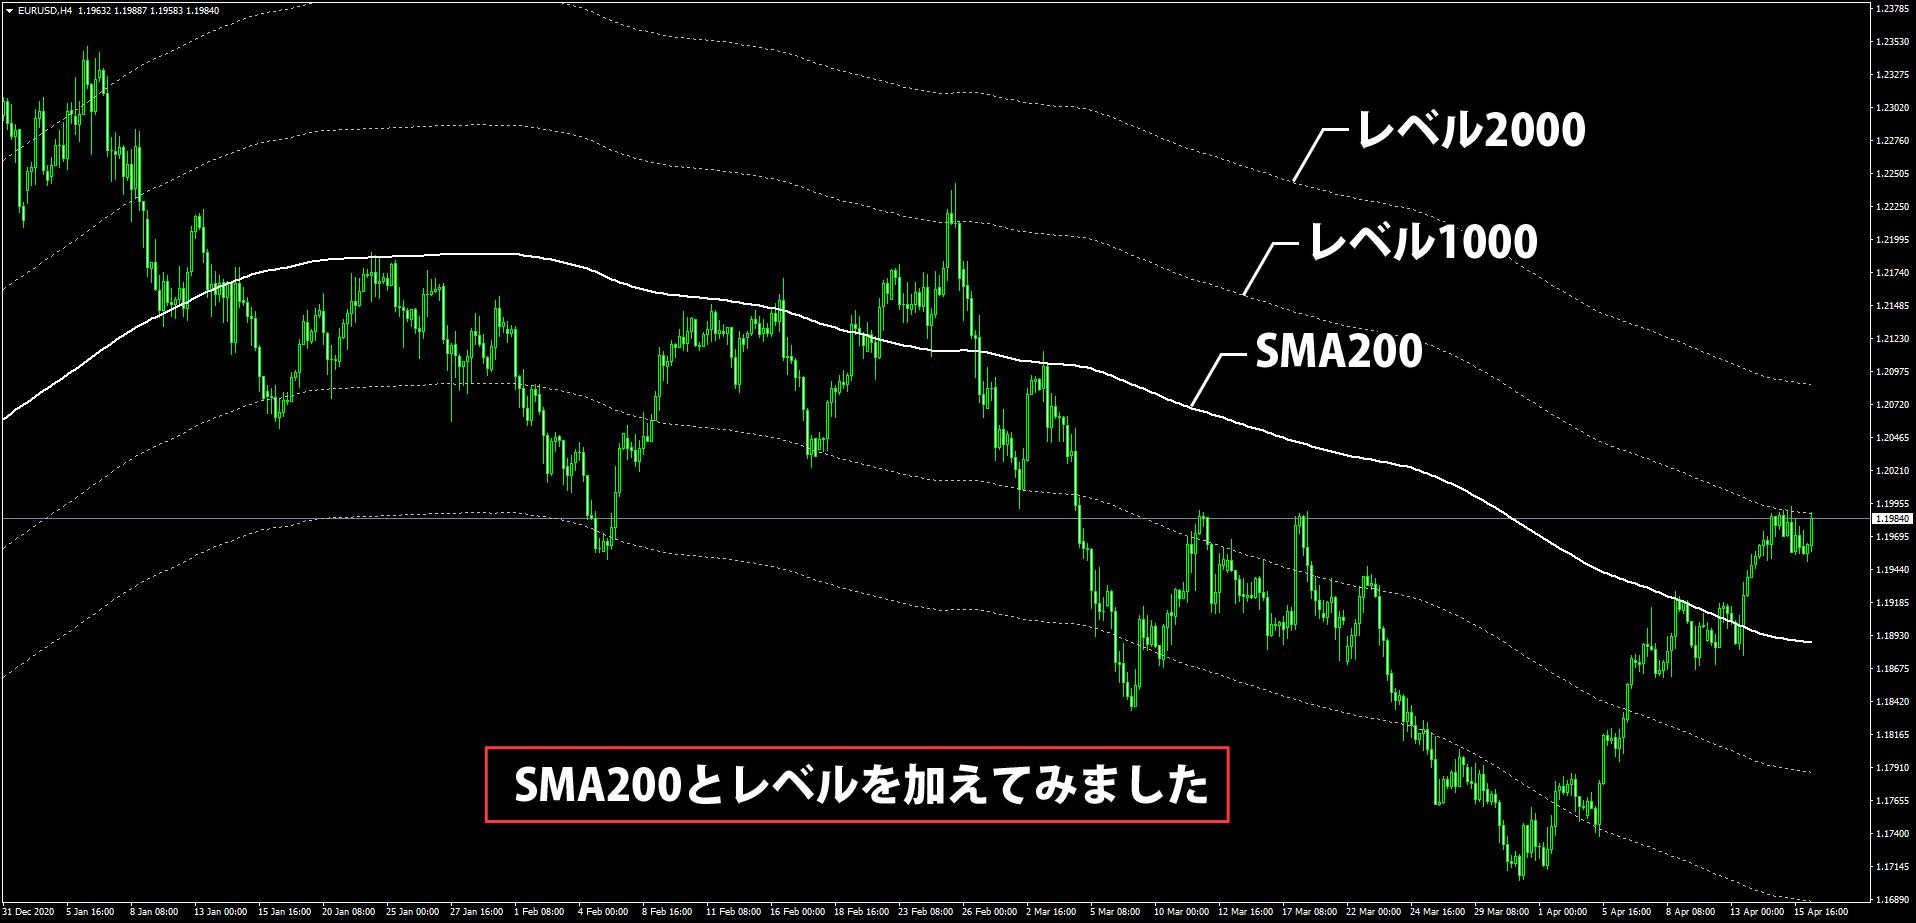 SMA200を表示したユーロドル4時間足